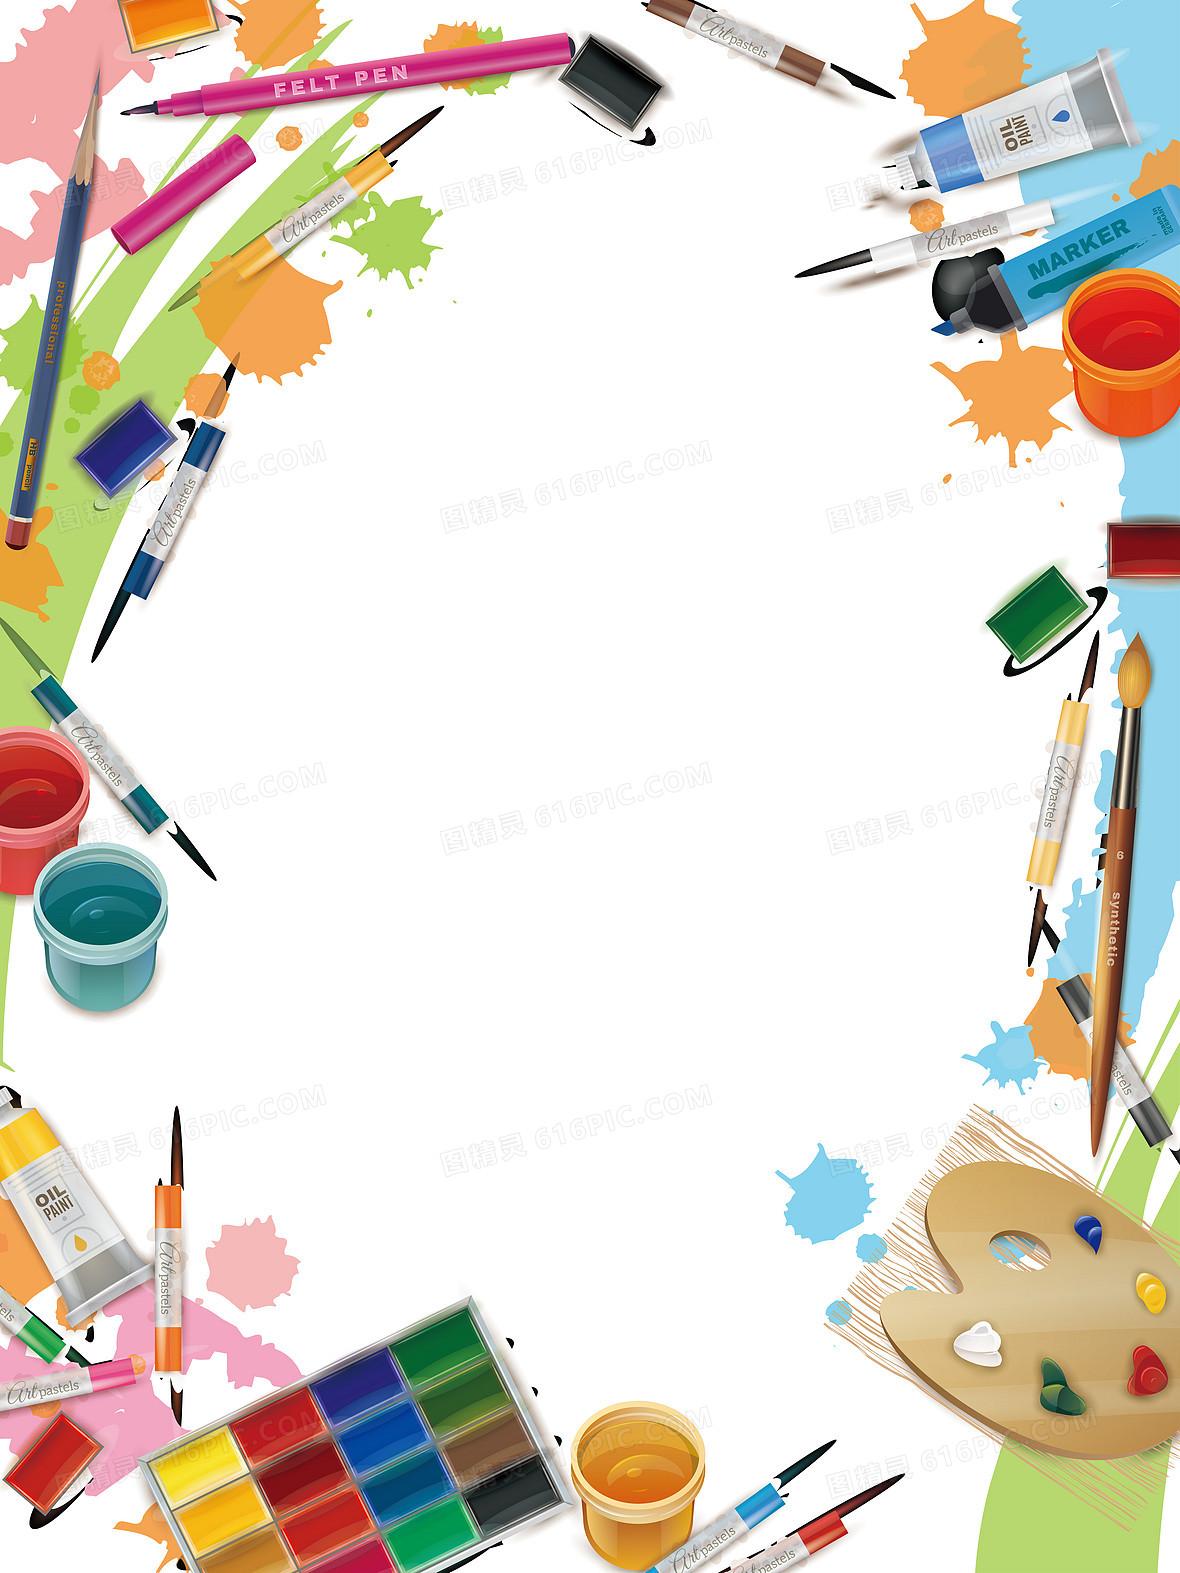 美术班招生 绘画招生海报背景素材